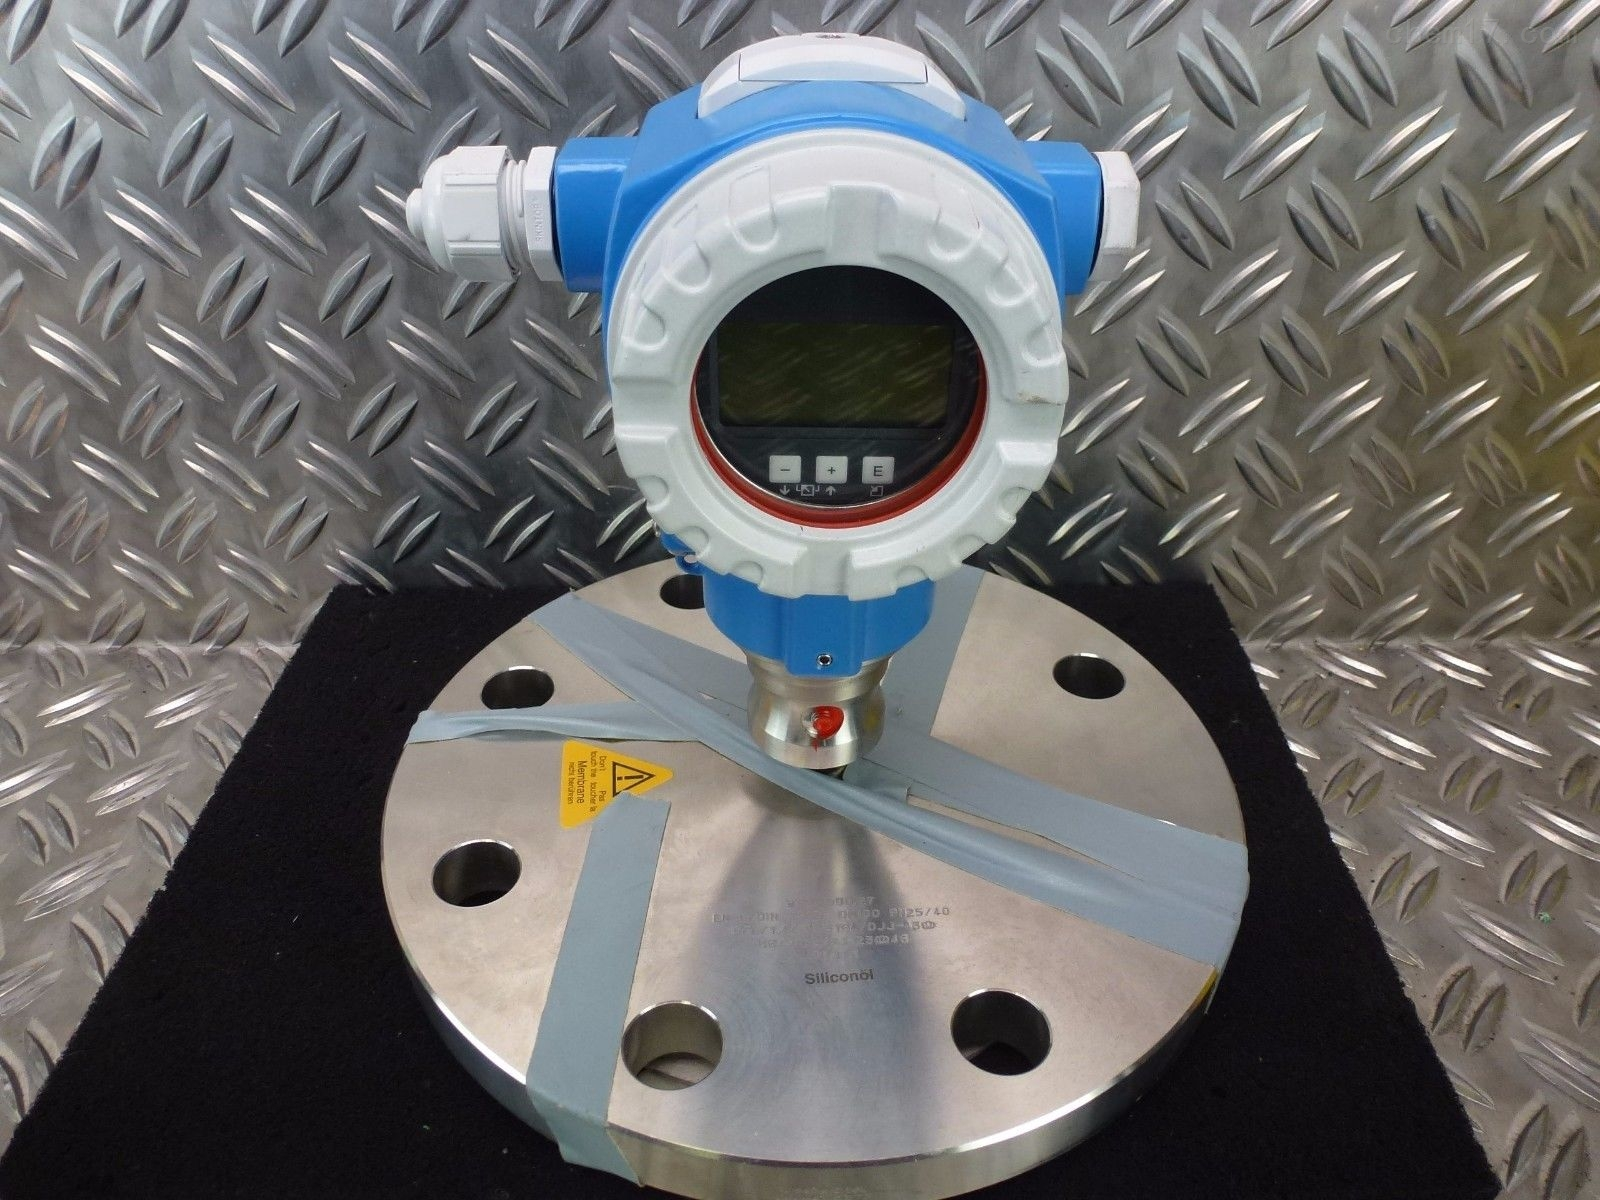 e+h 压力变送器PMP71参数设置